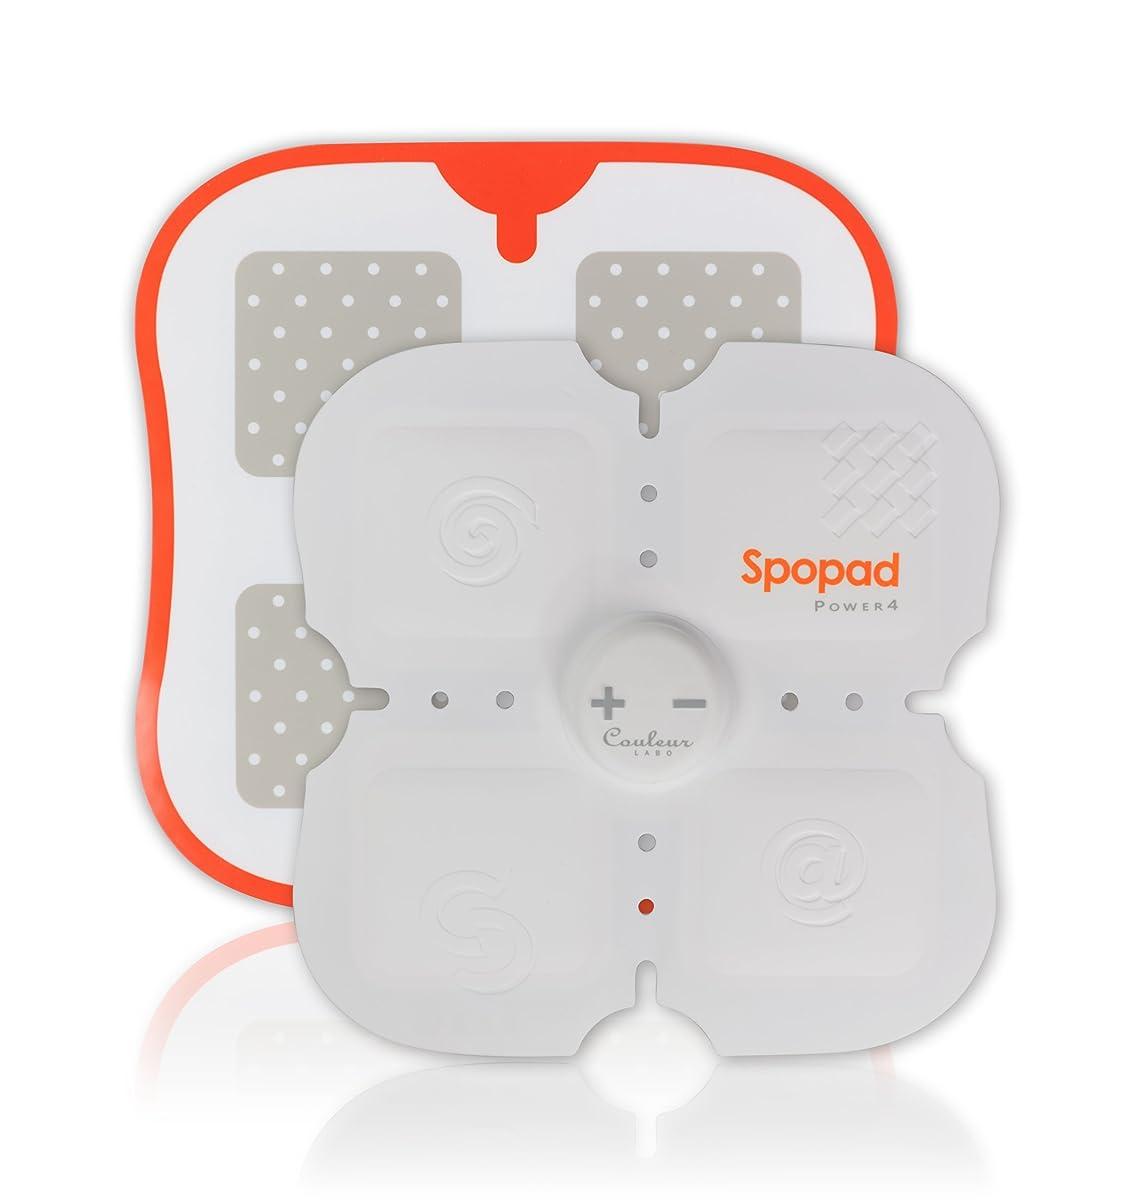 被る漏斗アダルトSPOPAD POWER4(スポパッドパワーフォー) 家庭用EMS運動機器、超薄型、超軽量、ワイヤレス、ハンズフリー